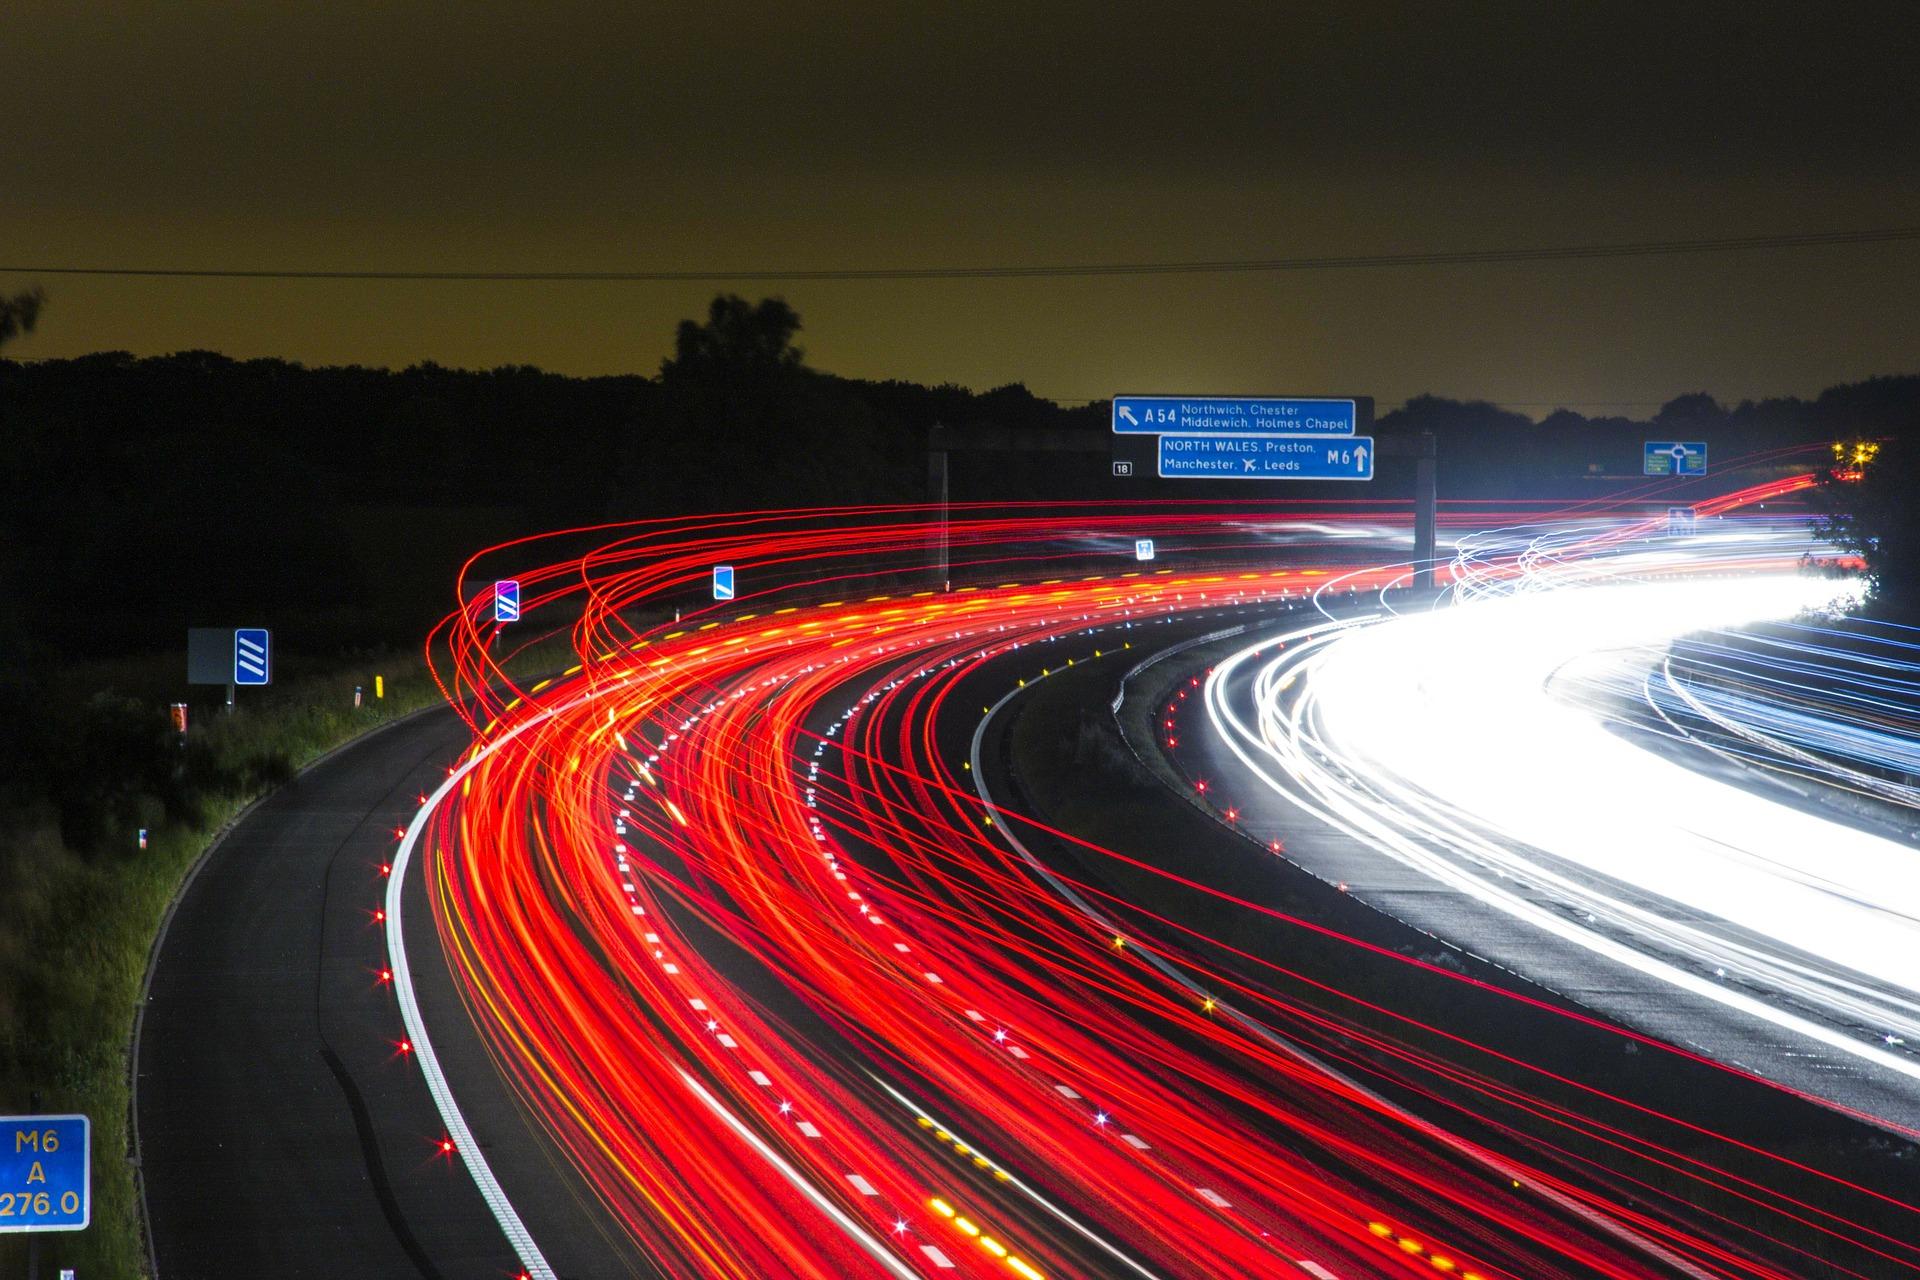 ¿Cuáles son los mejores seguros de auto para viajar en carretera?